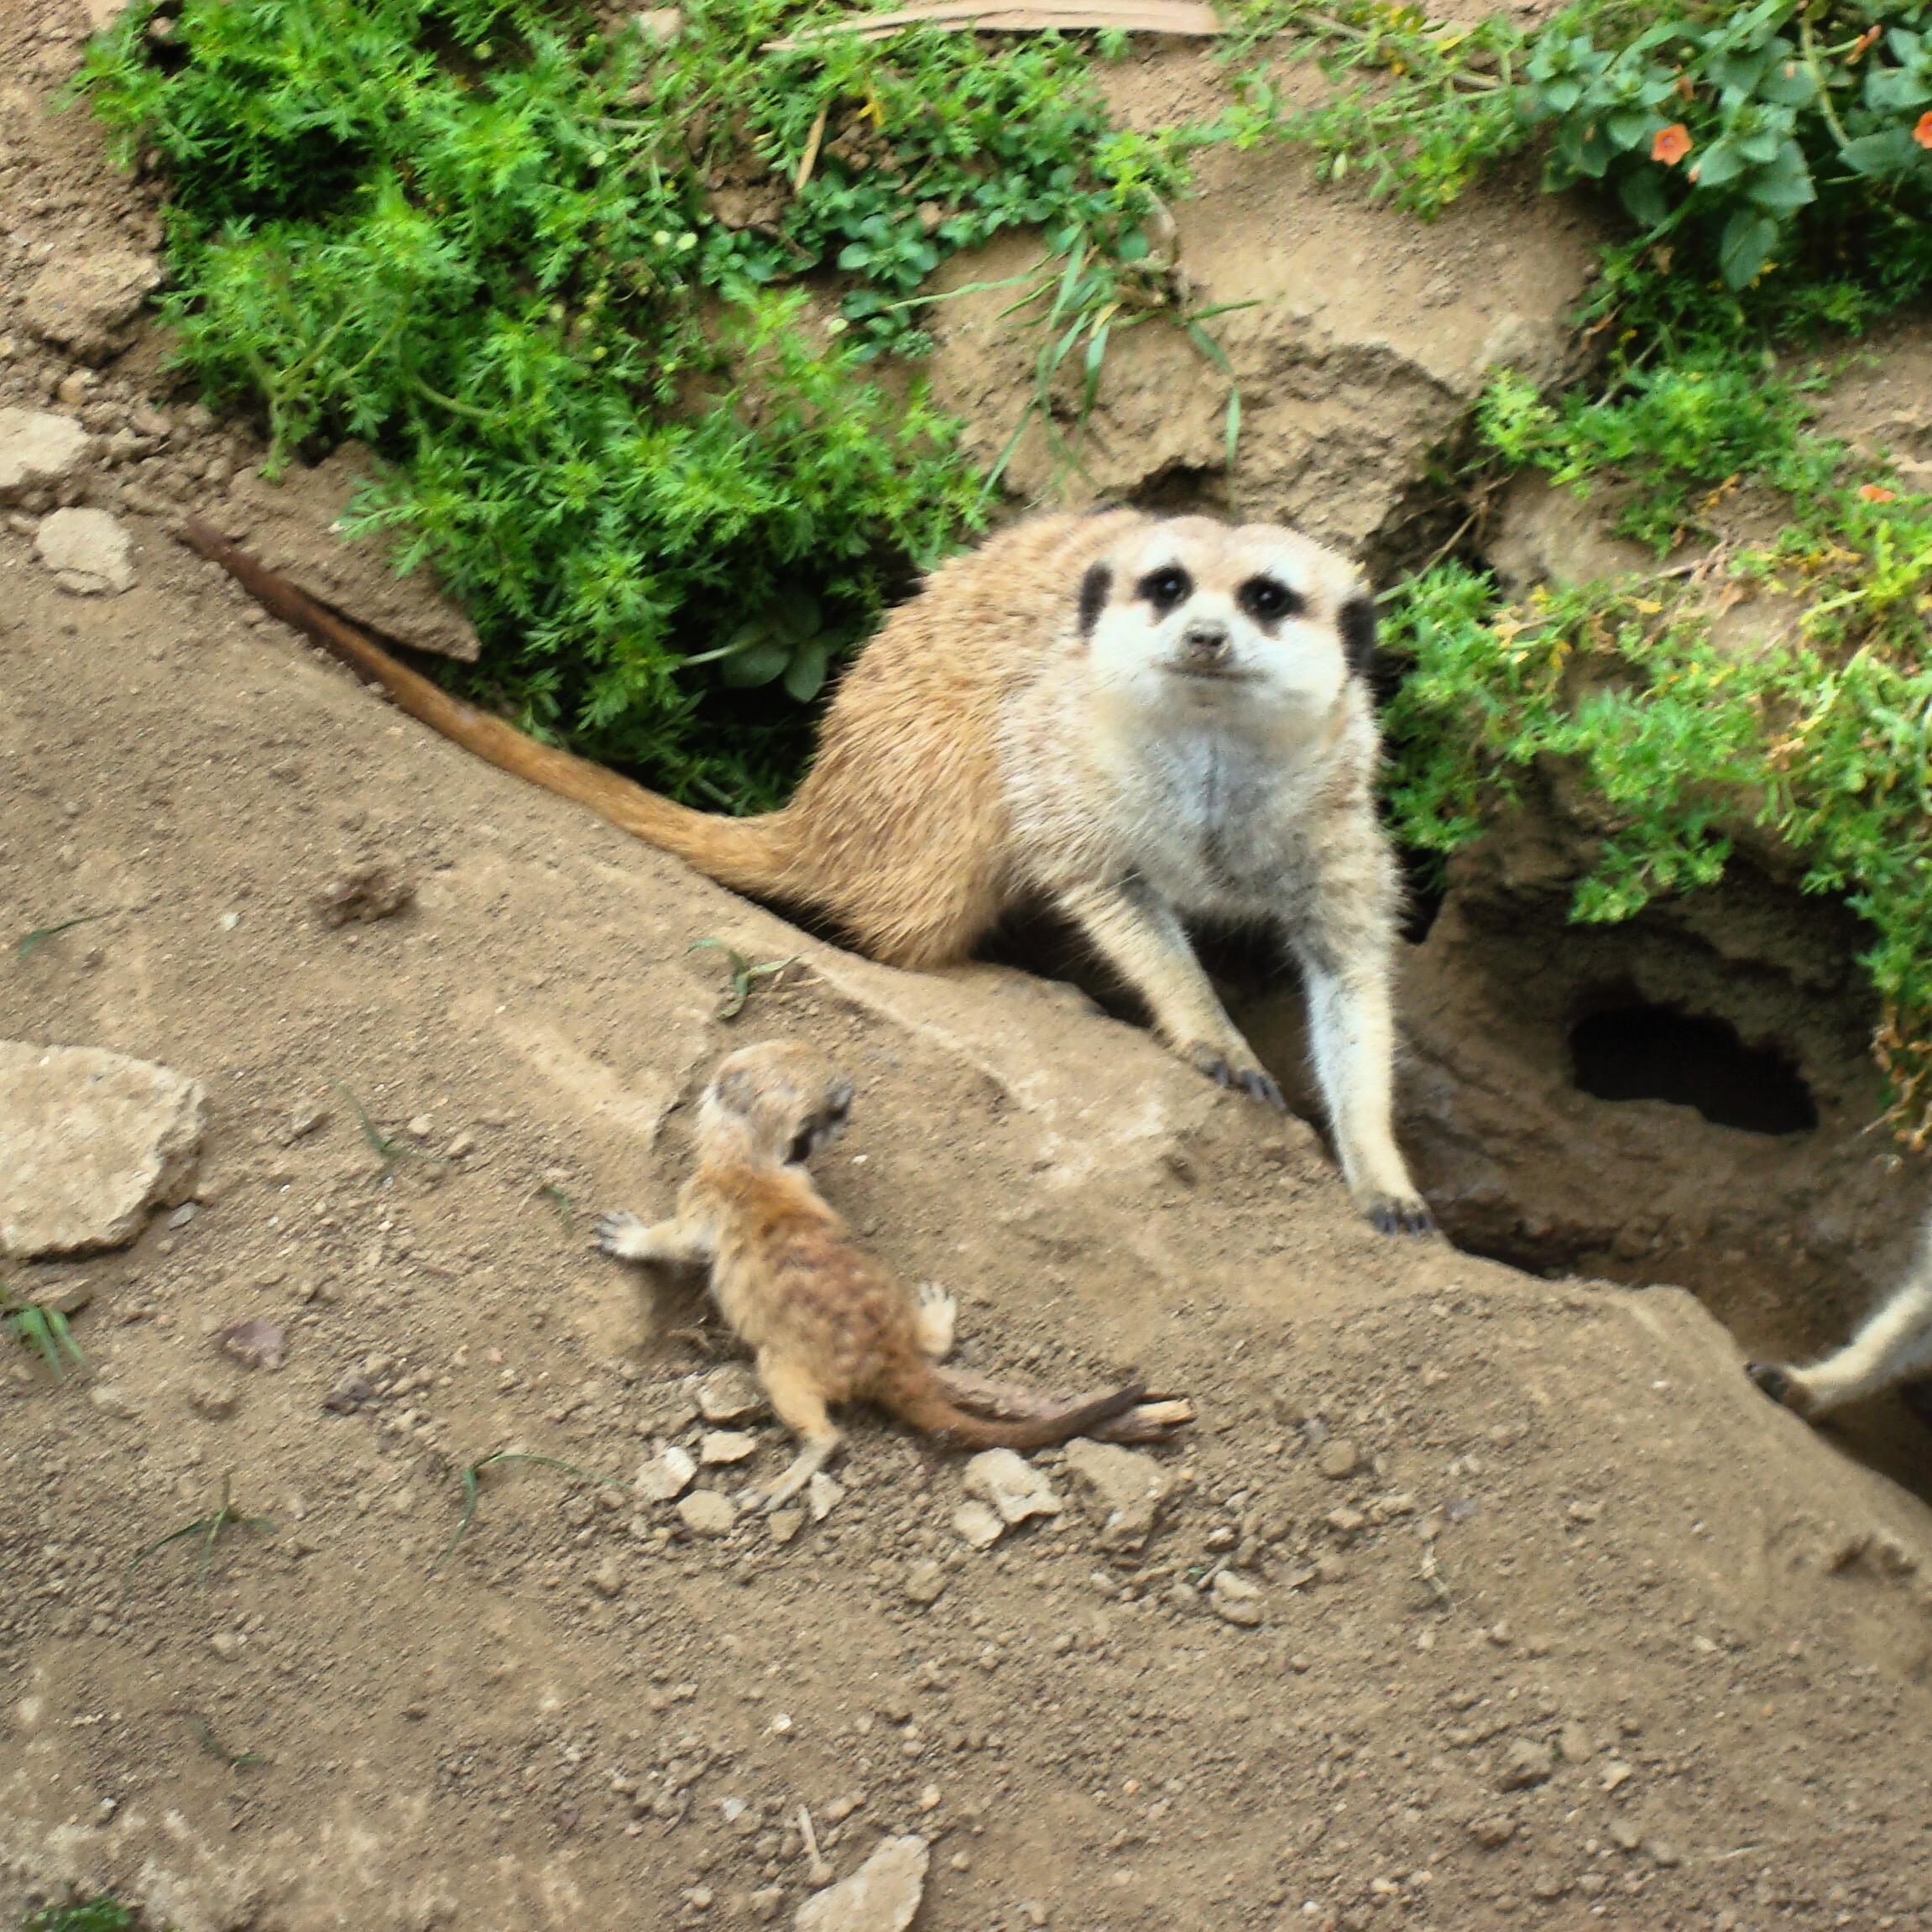 Mamma & baby meerkat